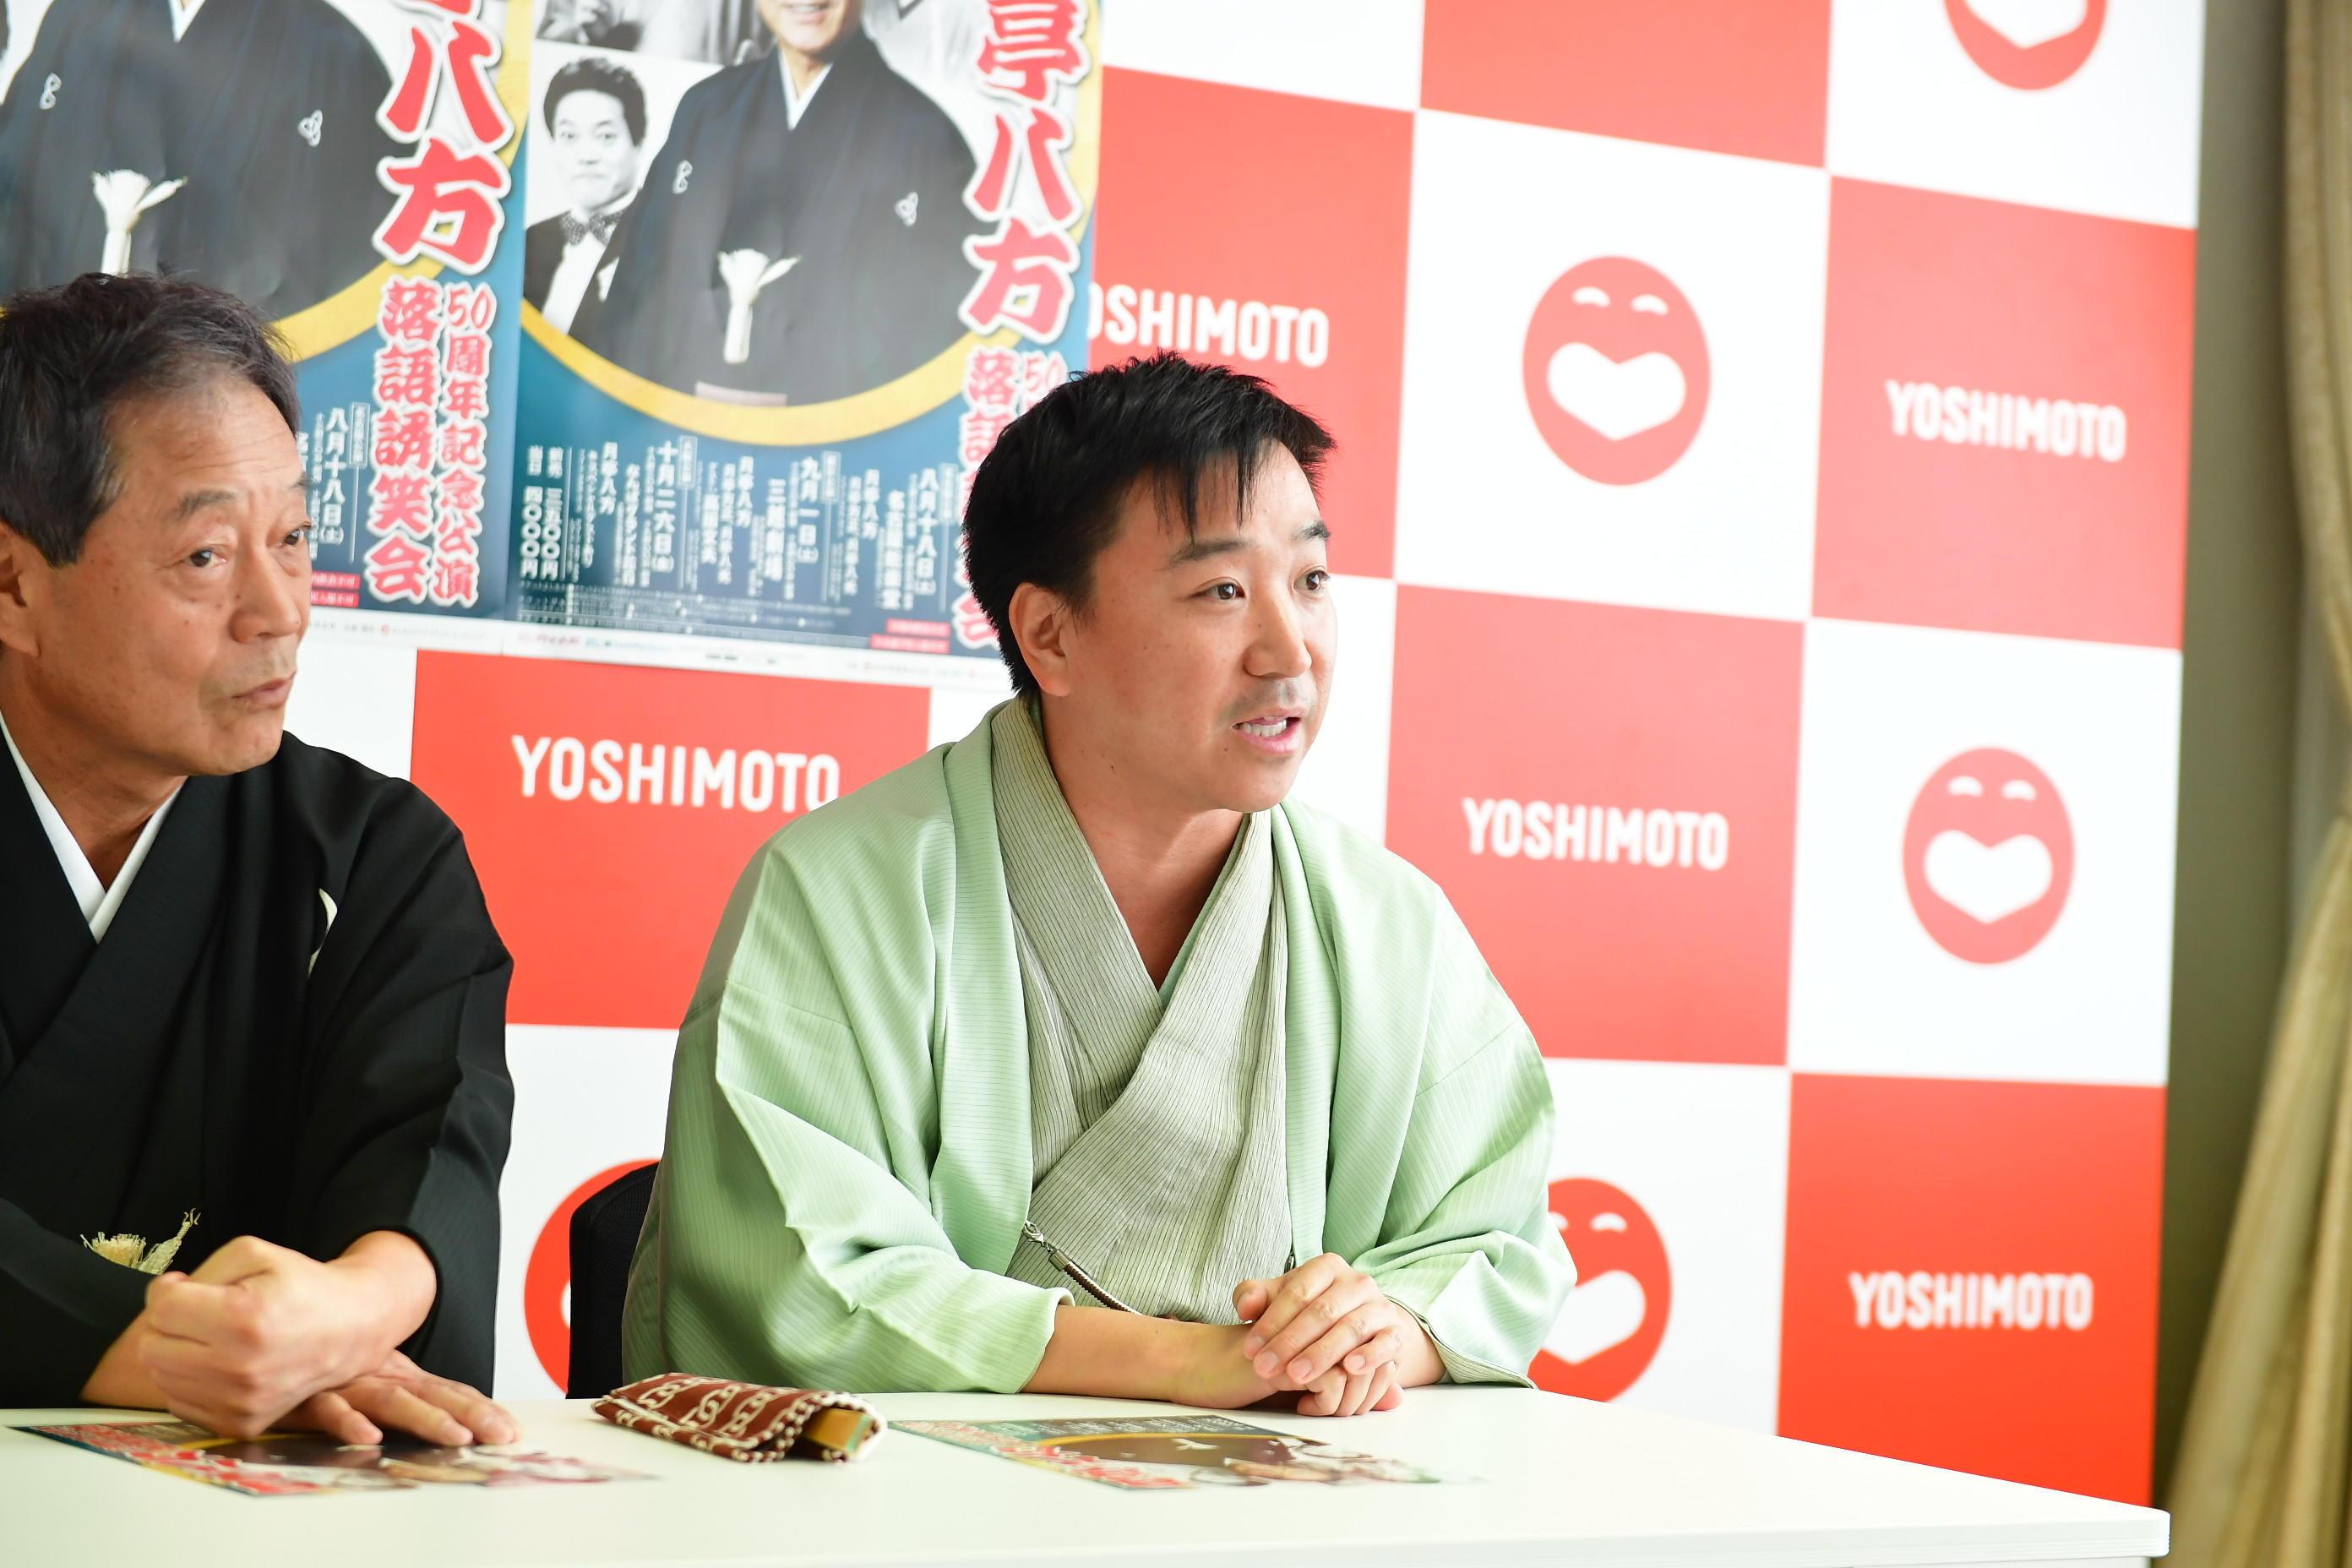 http://news.yoshimoto.co.jp/20180806204519-d158c8785a8b839eb77aee3c14567ad29f6f98d6.jpg